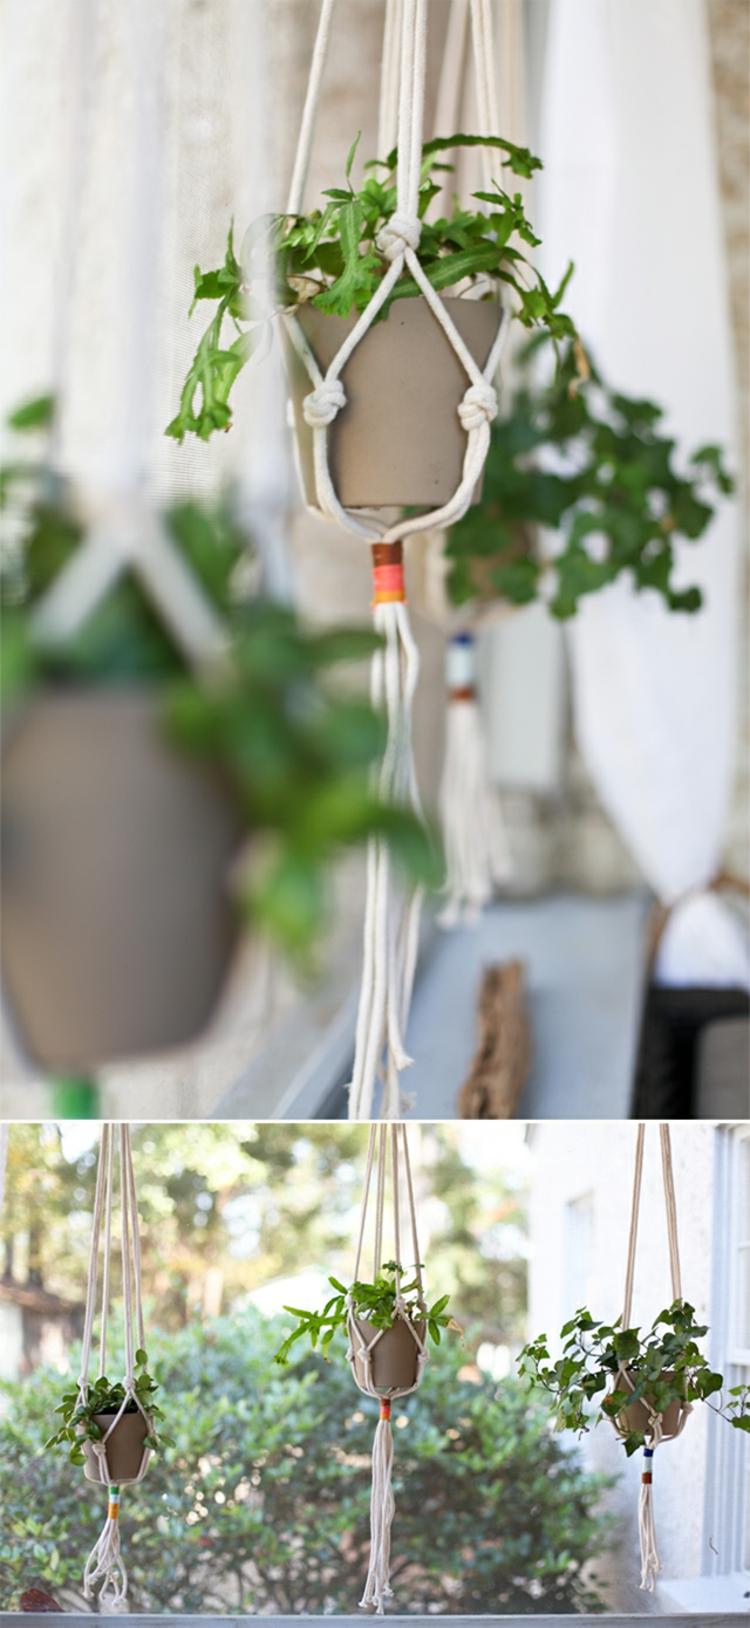 dekoration-pflanzen-schlicht-edle-besonders-modern-einzigartig-fest-an-seilen-hängend-schick